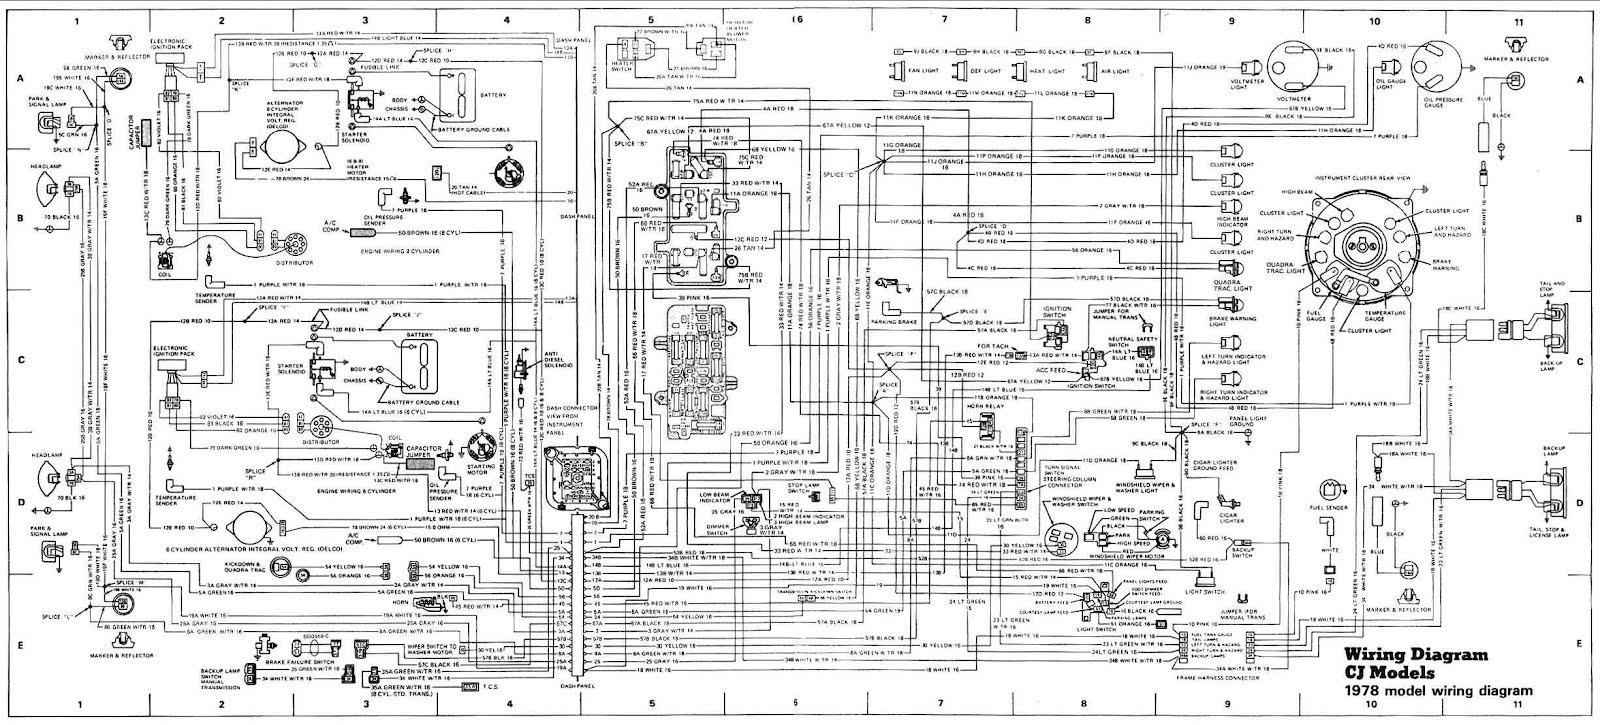 Seat Wiring Diagram Bmw M5 Electrical 2000 Audi S4 Speaker Z3 Auto U2022 X5